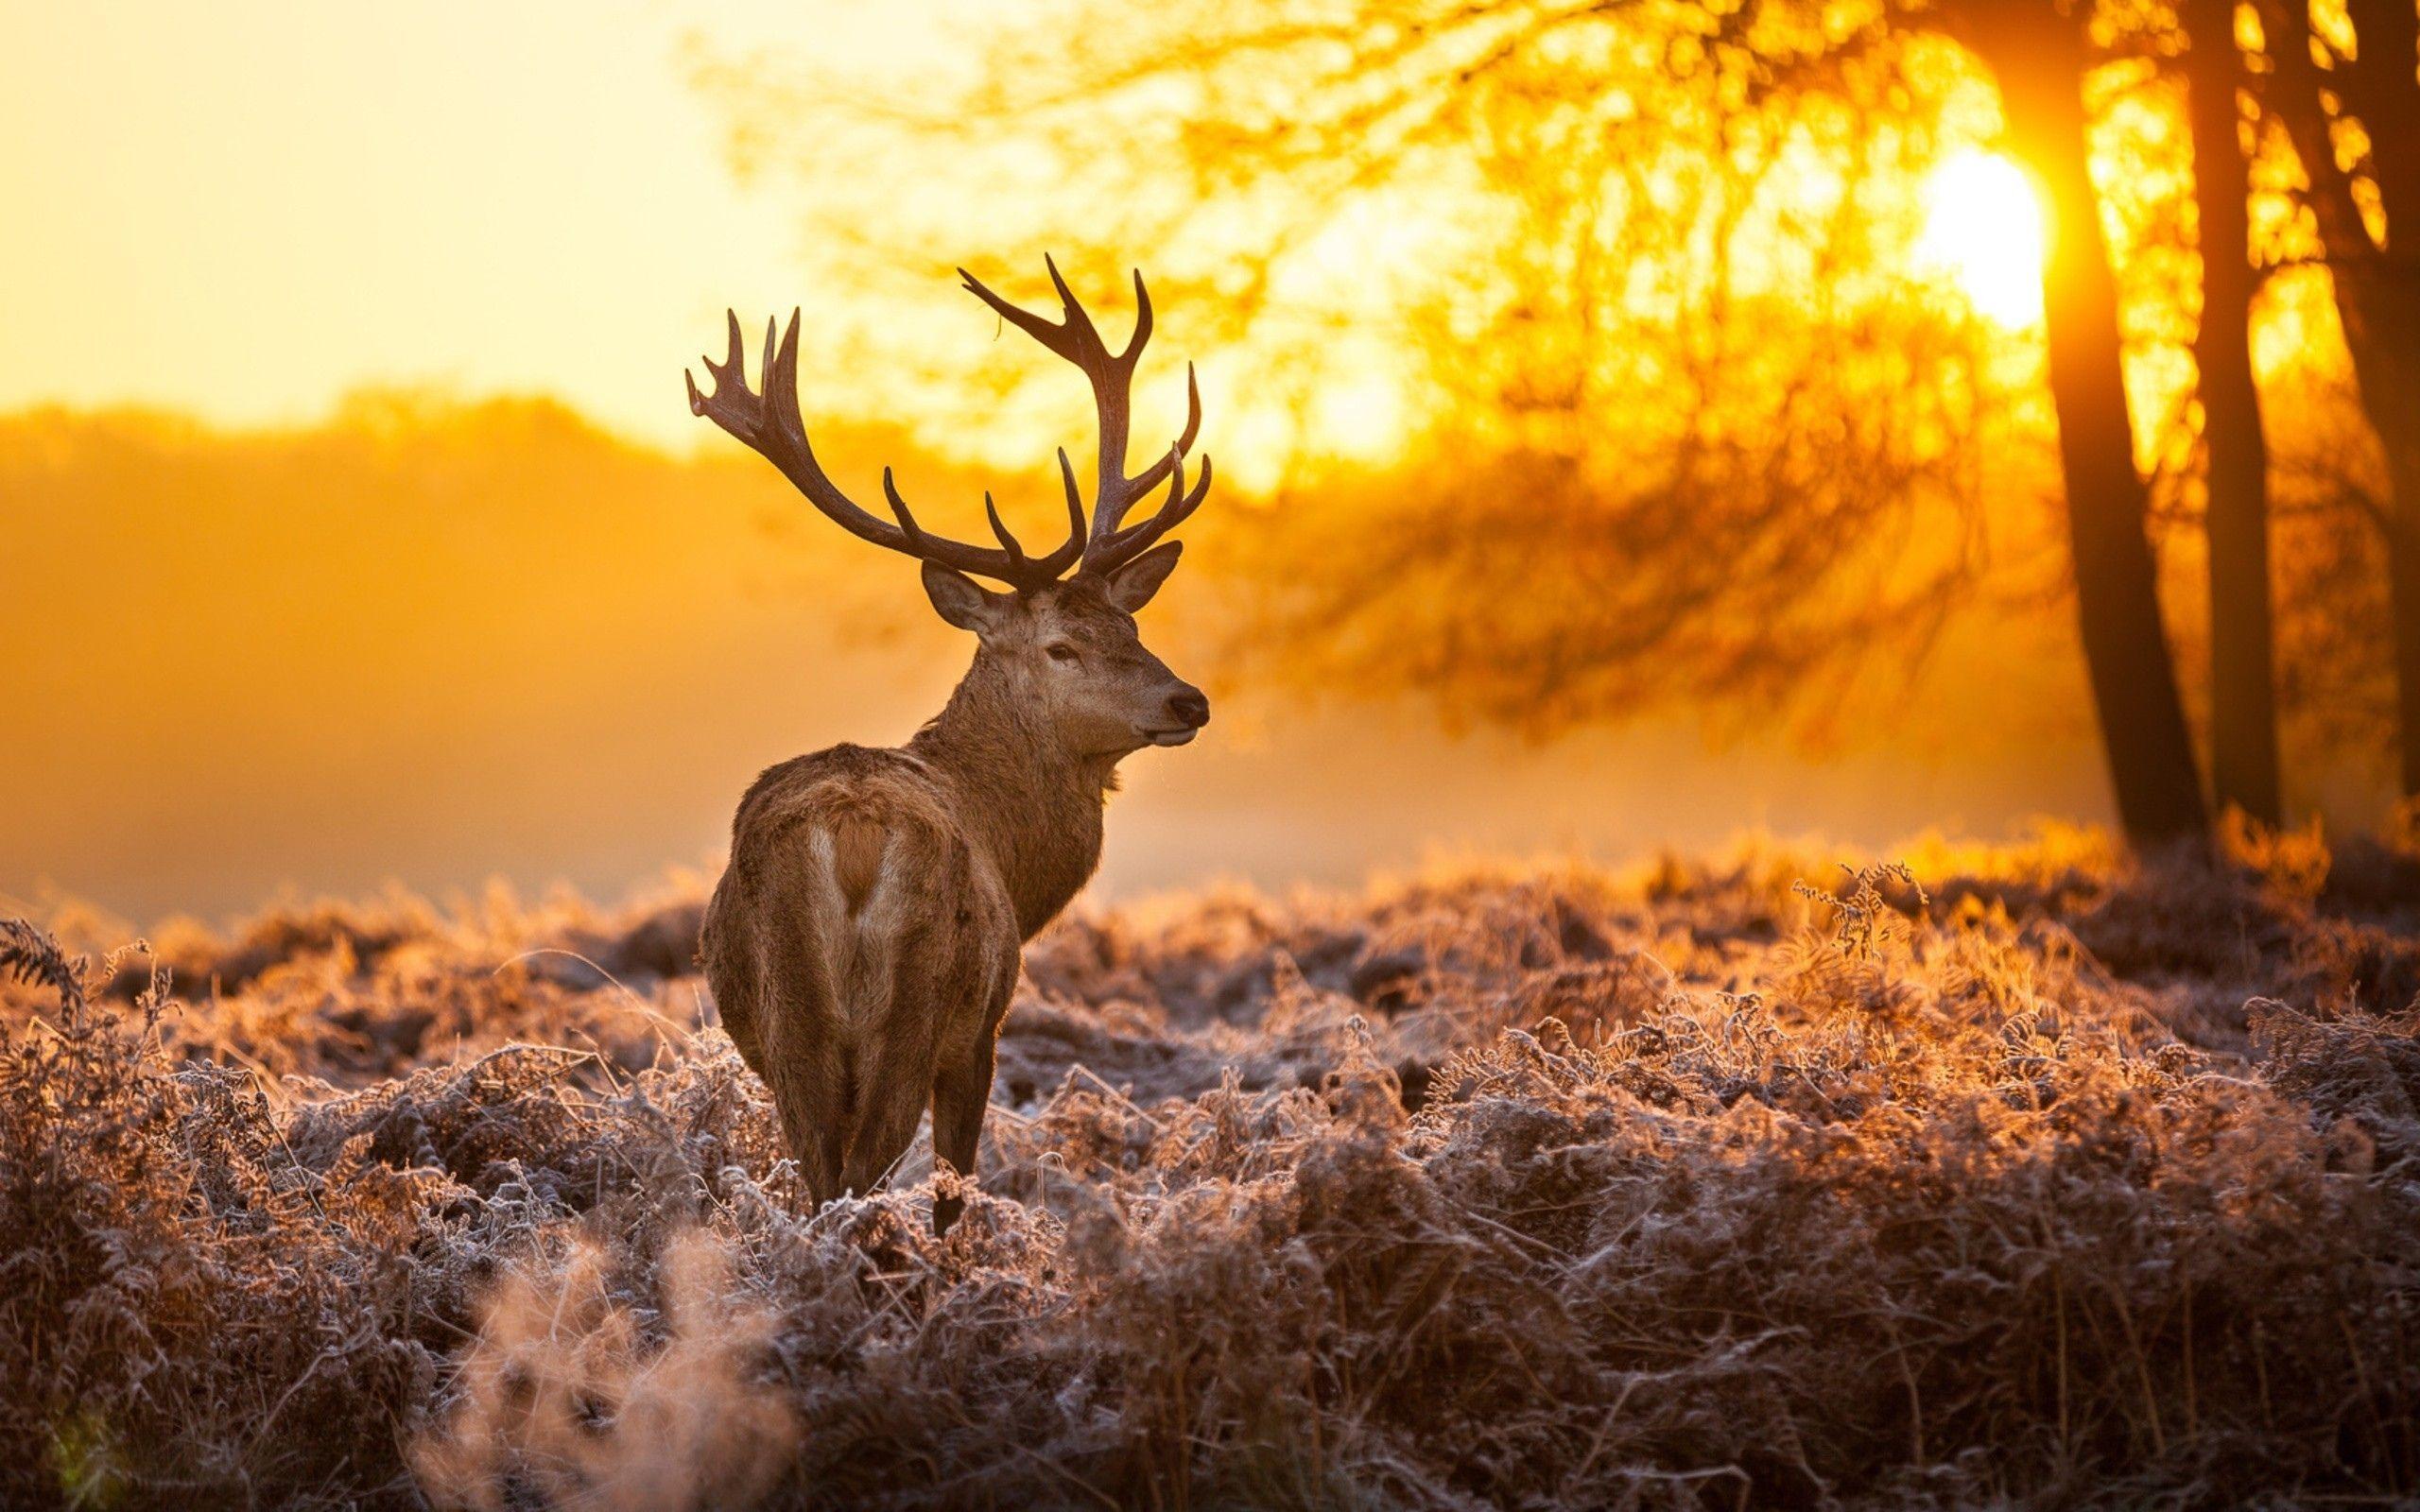 Deer Desktop Wallpapers Wallpaper Cave